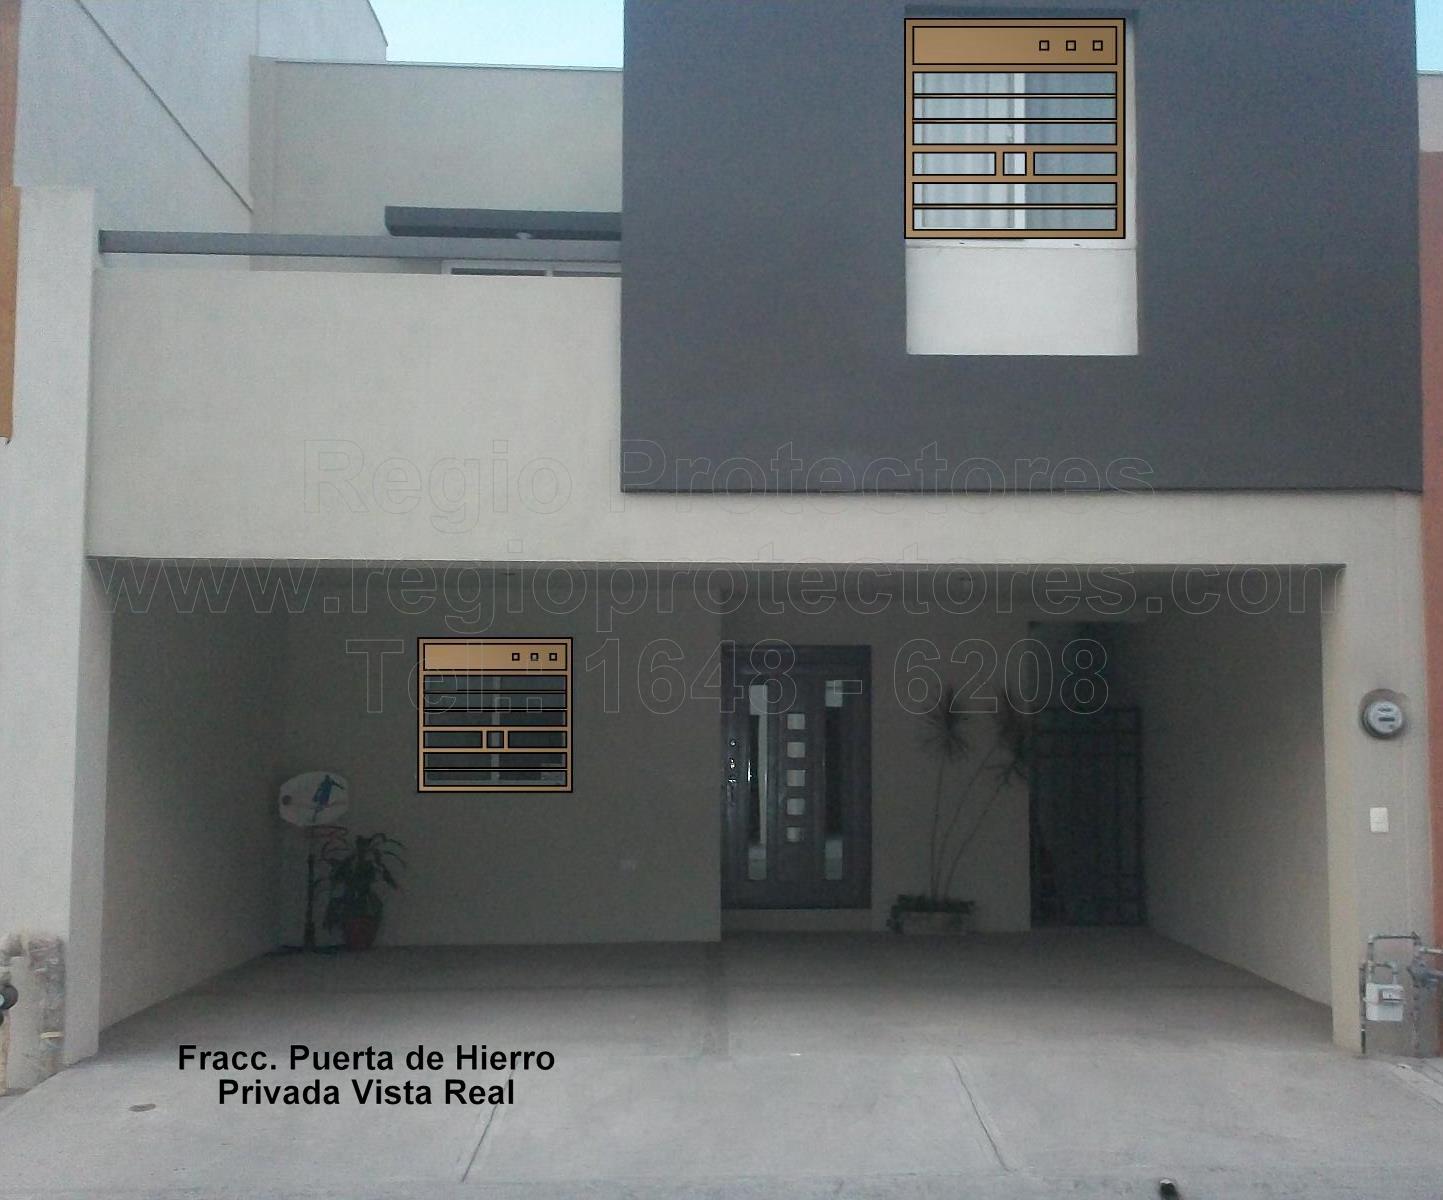 Protectores para ventanas y Puertas, Fracc. Puerta de Hierro - Privada